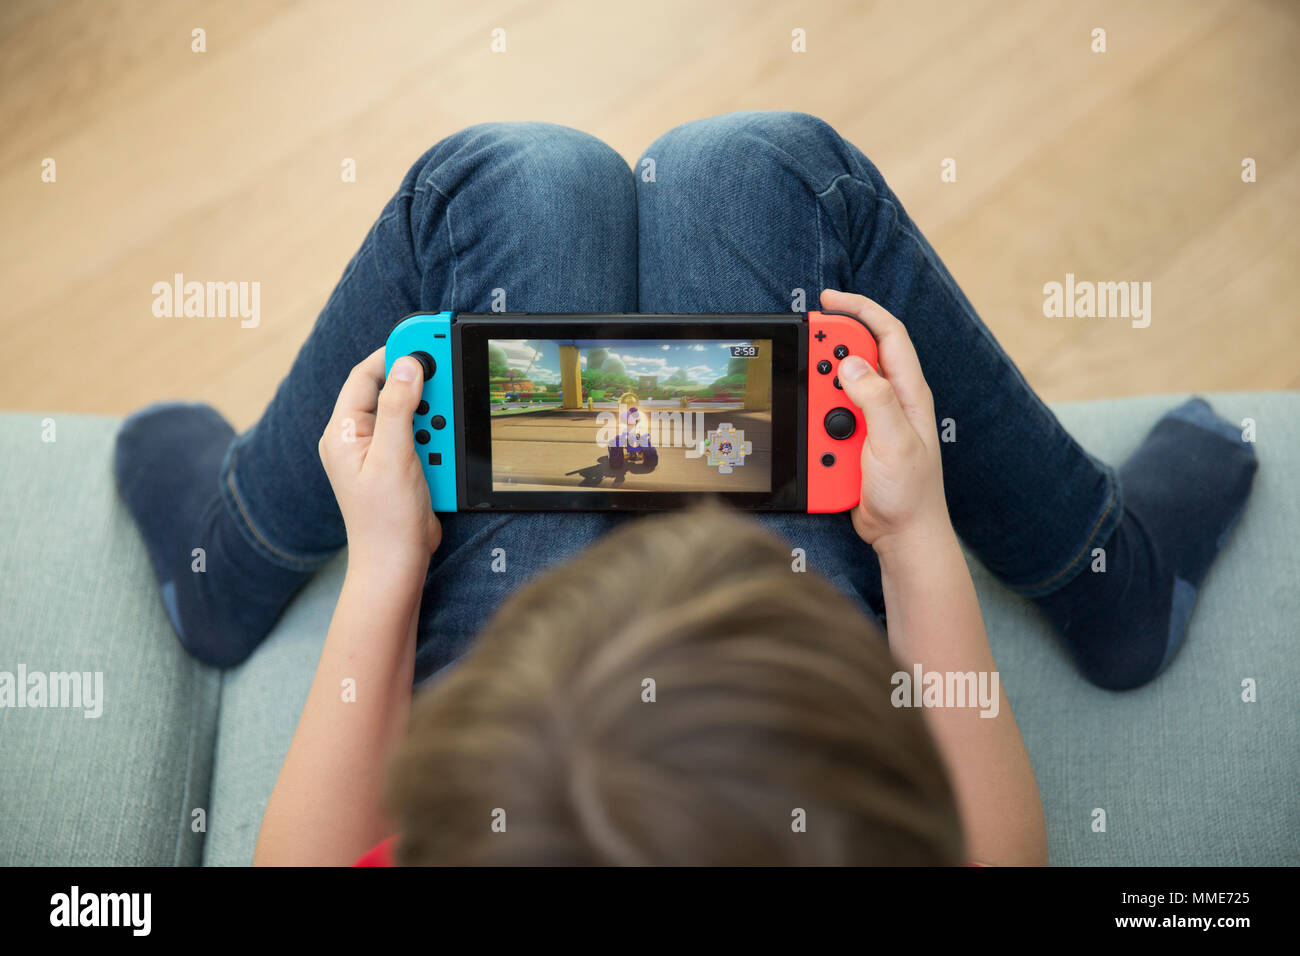 Niño jugando juegos de video Imagen De Stock